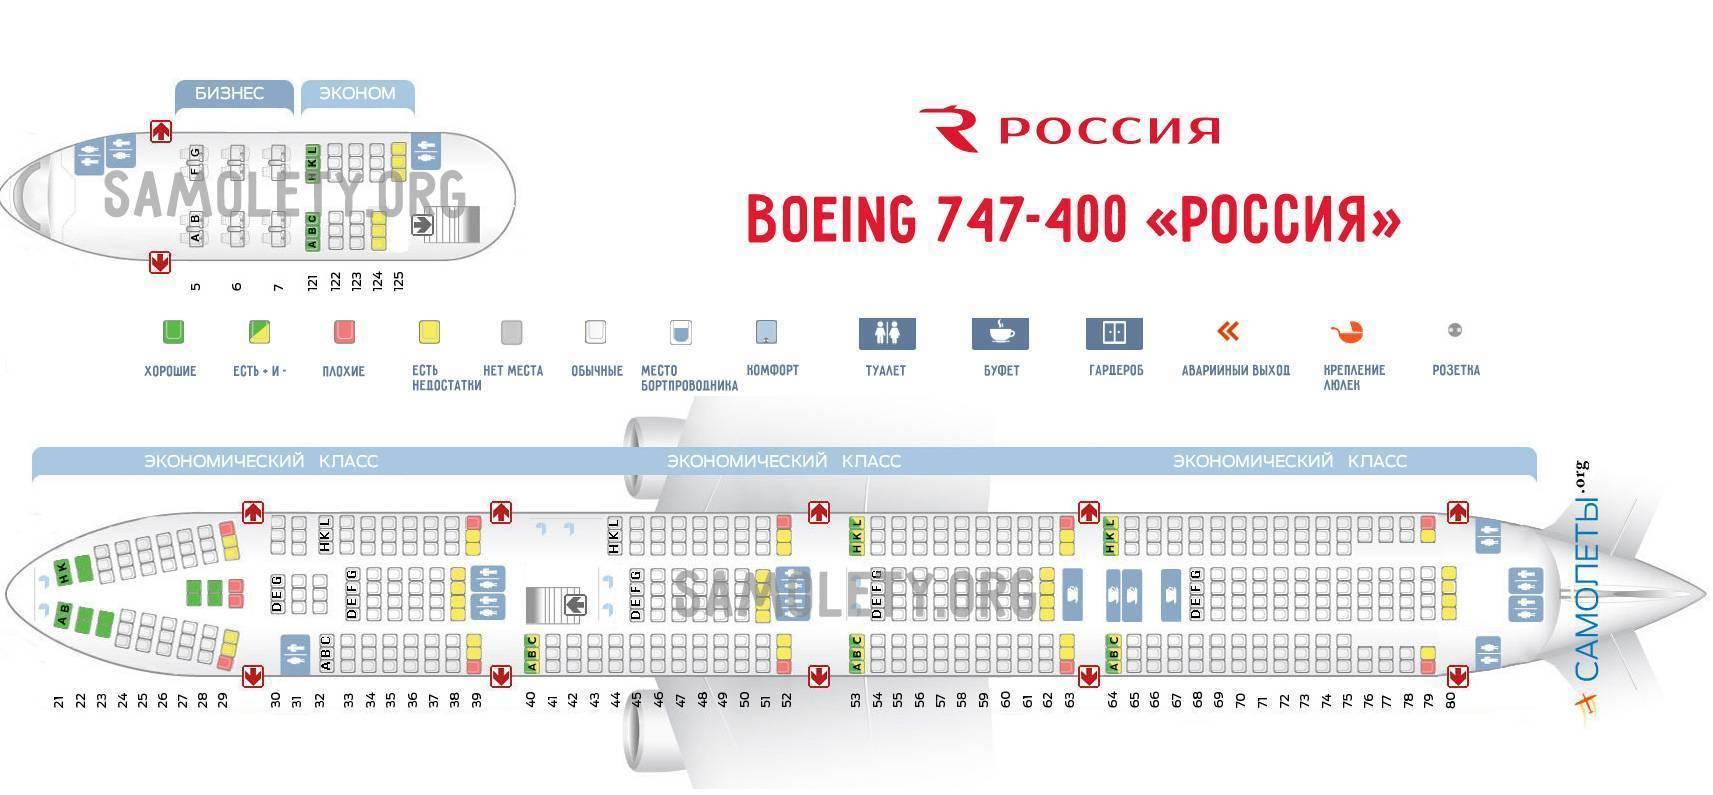 Боинг 777: схема самолета, лучшие места, эксплуатирующие компании